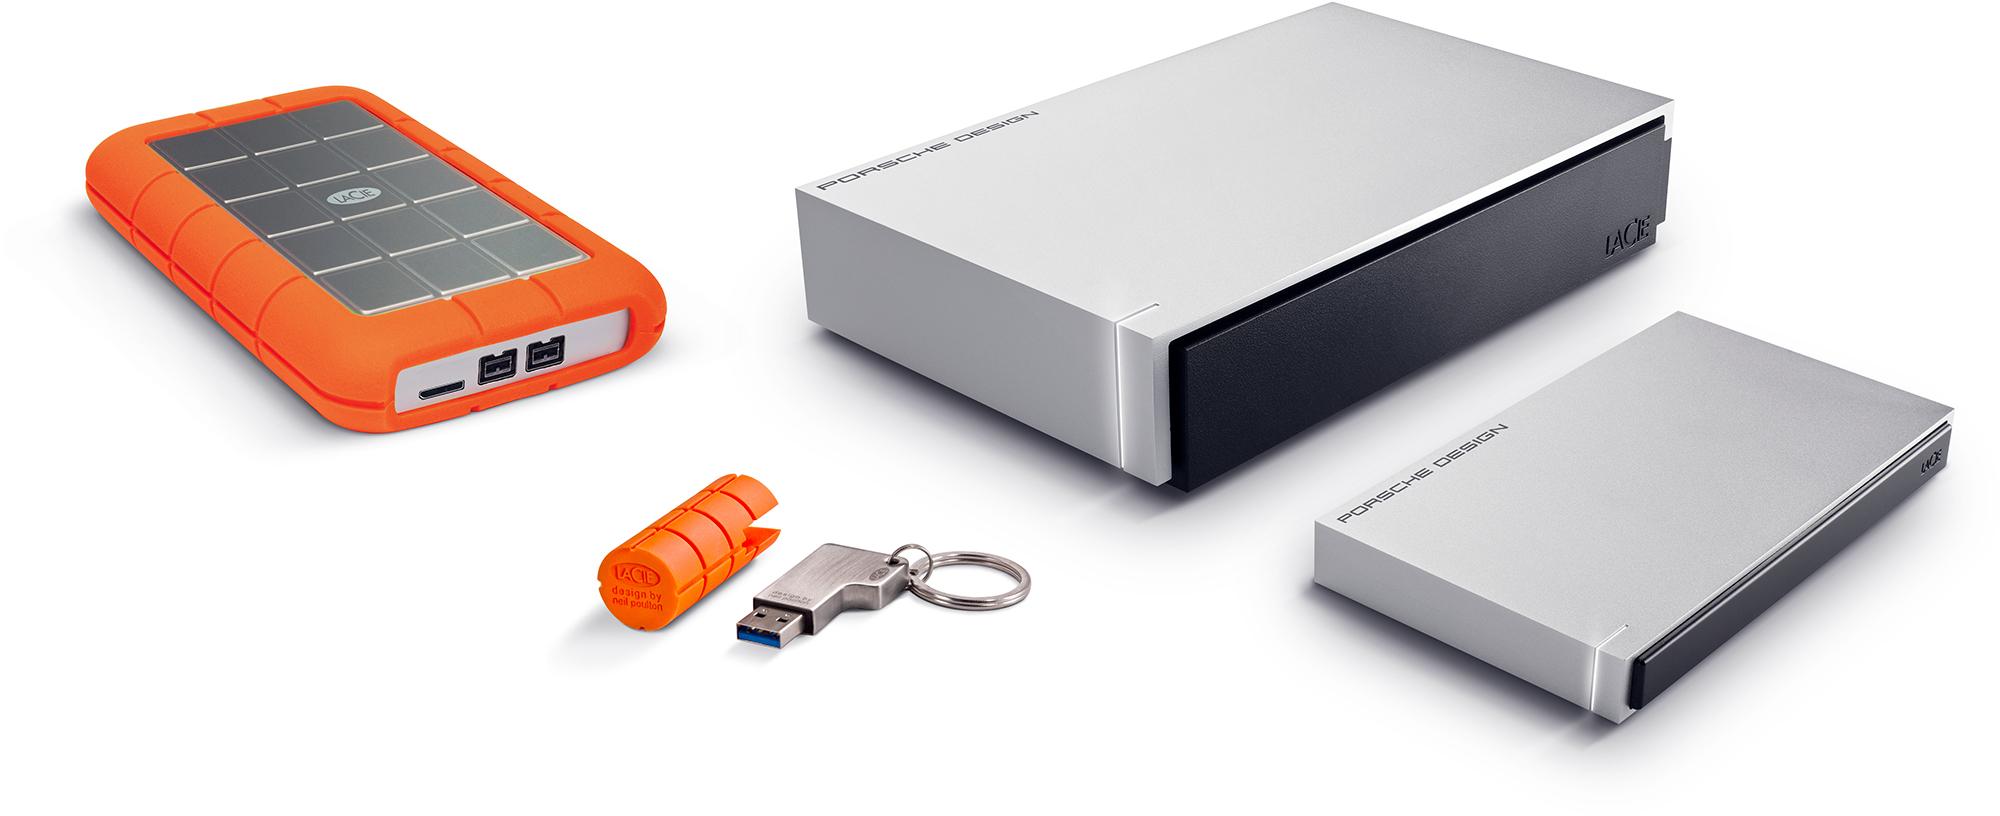 HDDs da LaCie com USB 3.0